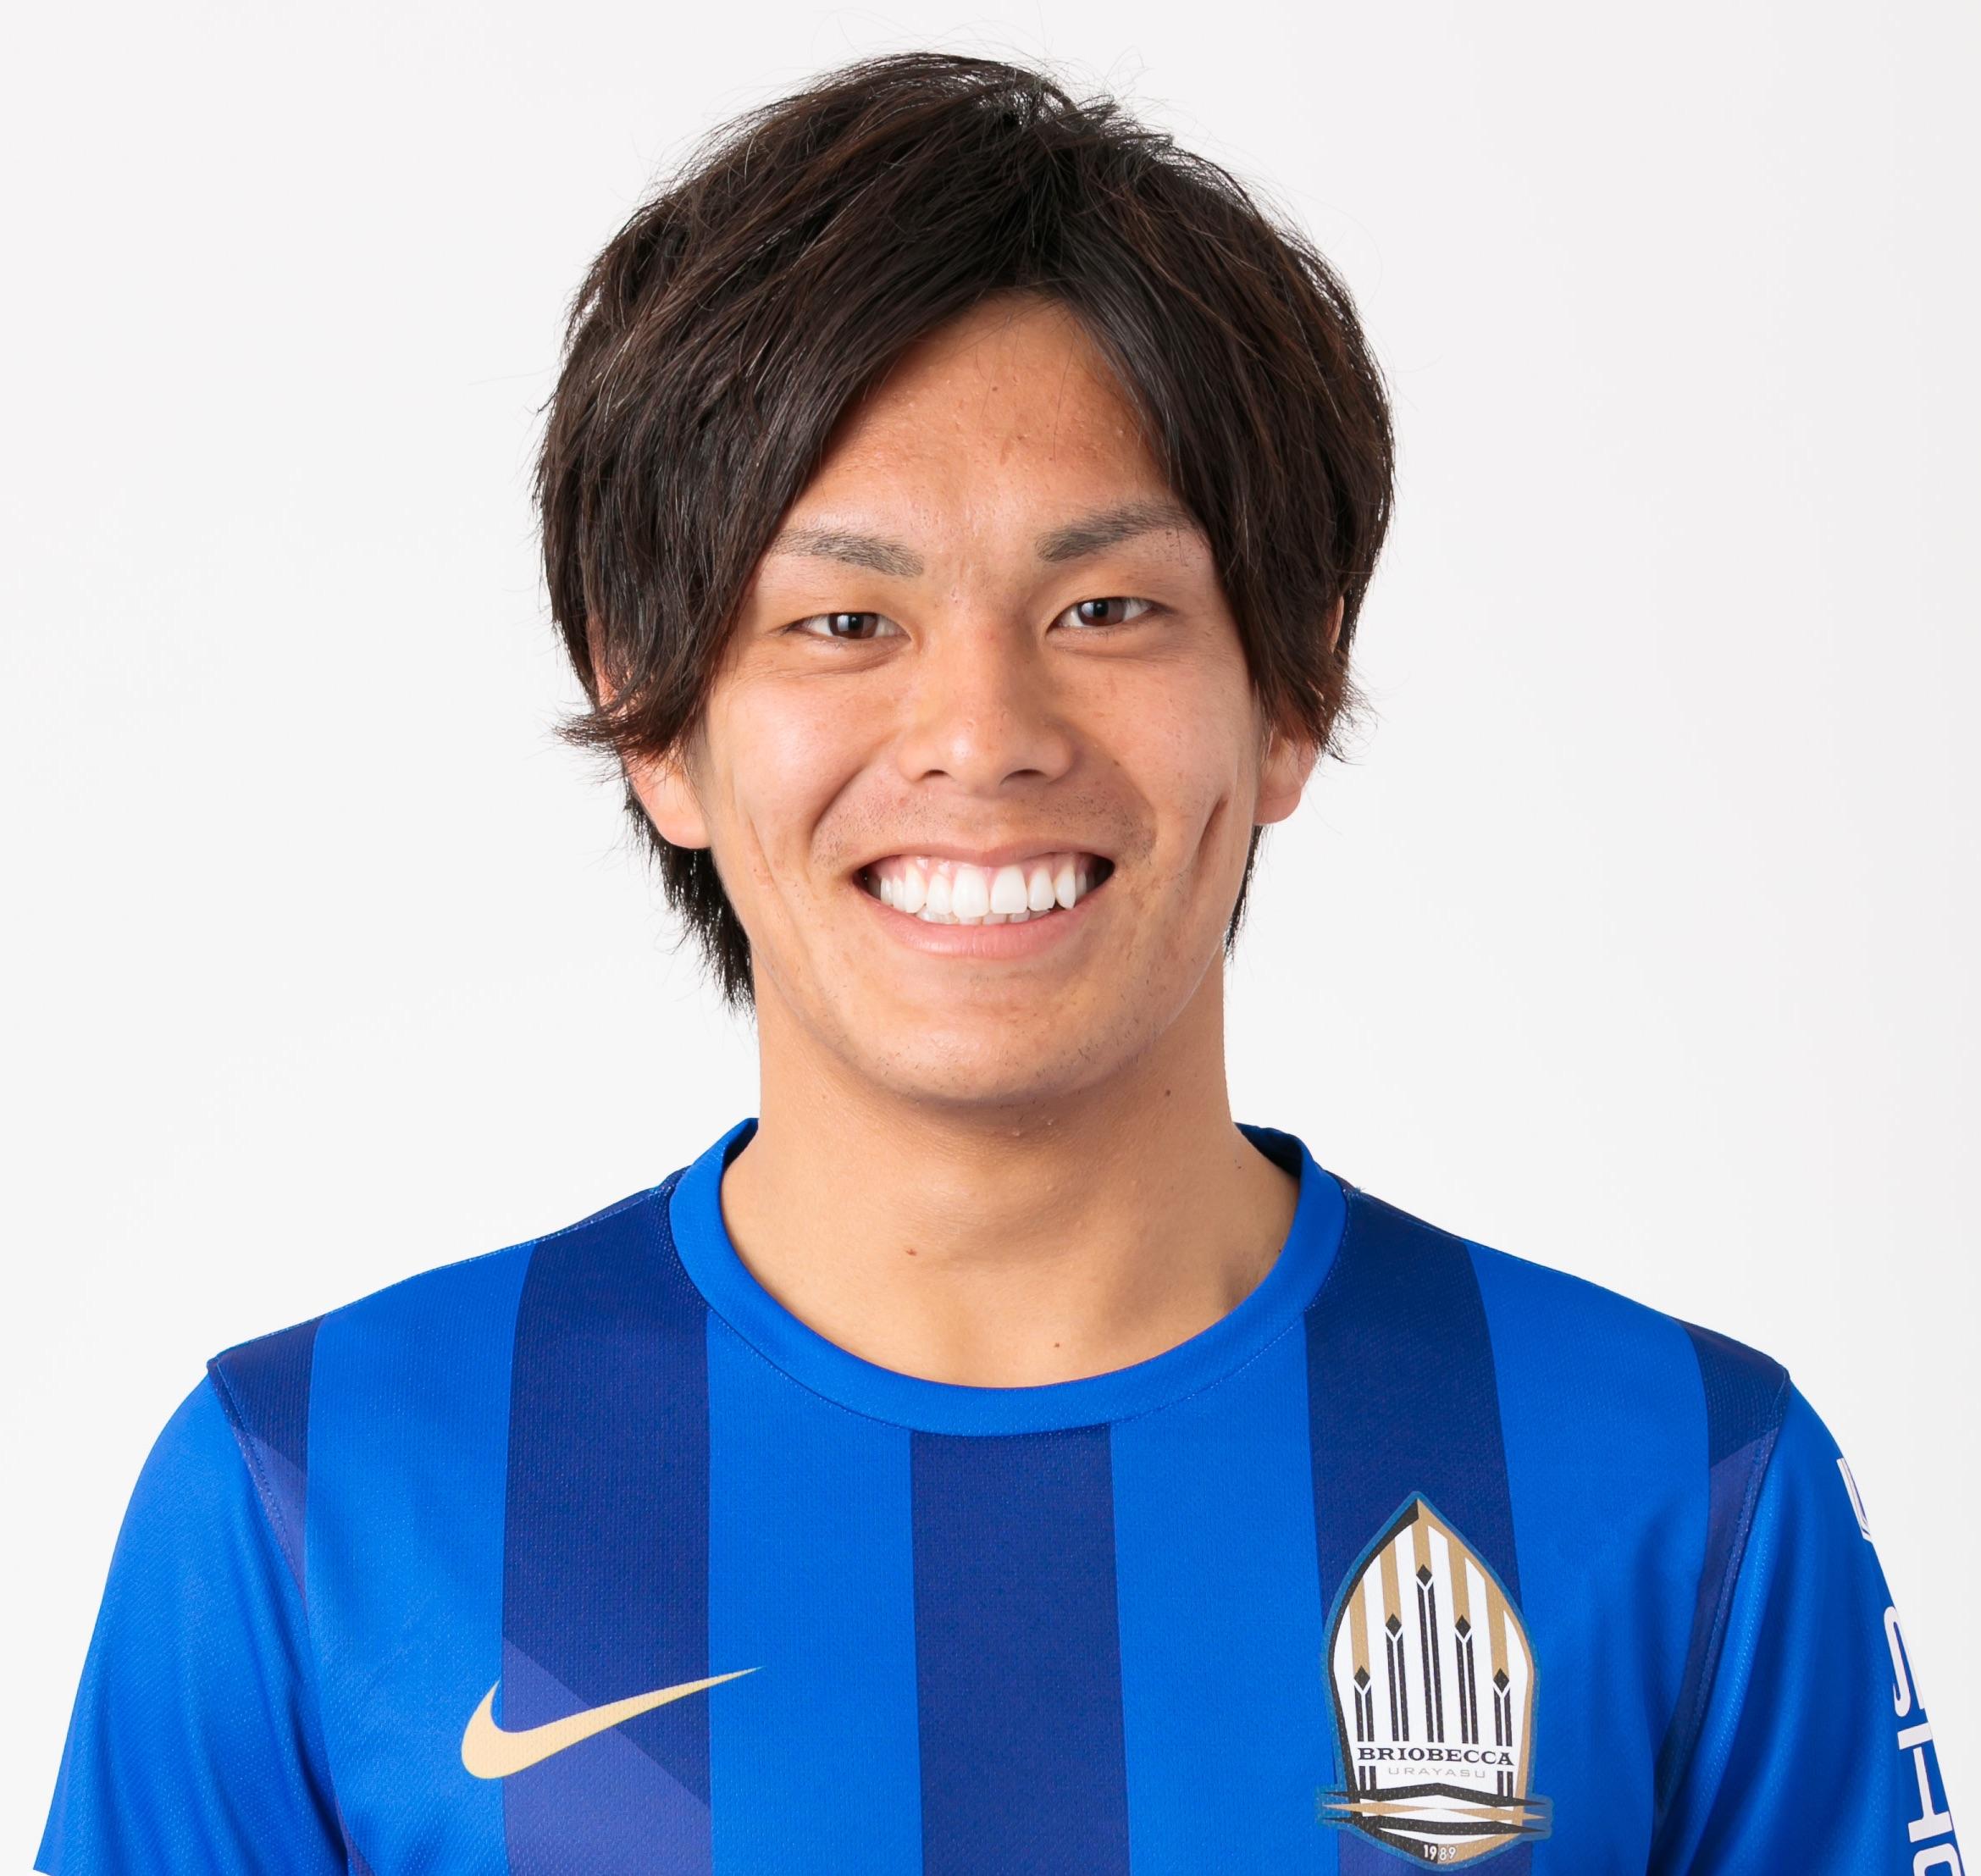 田中 貴大 選手 契約のお知らせ